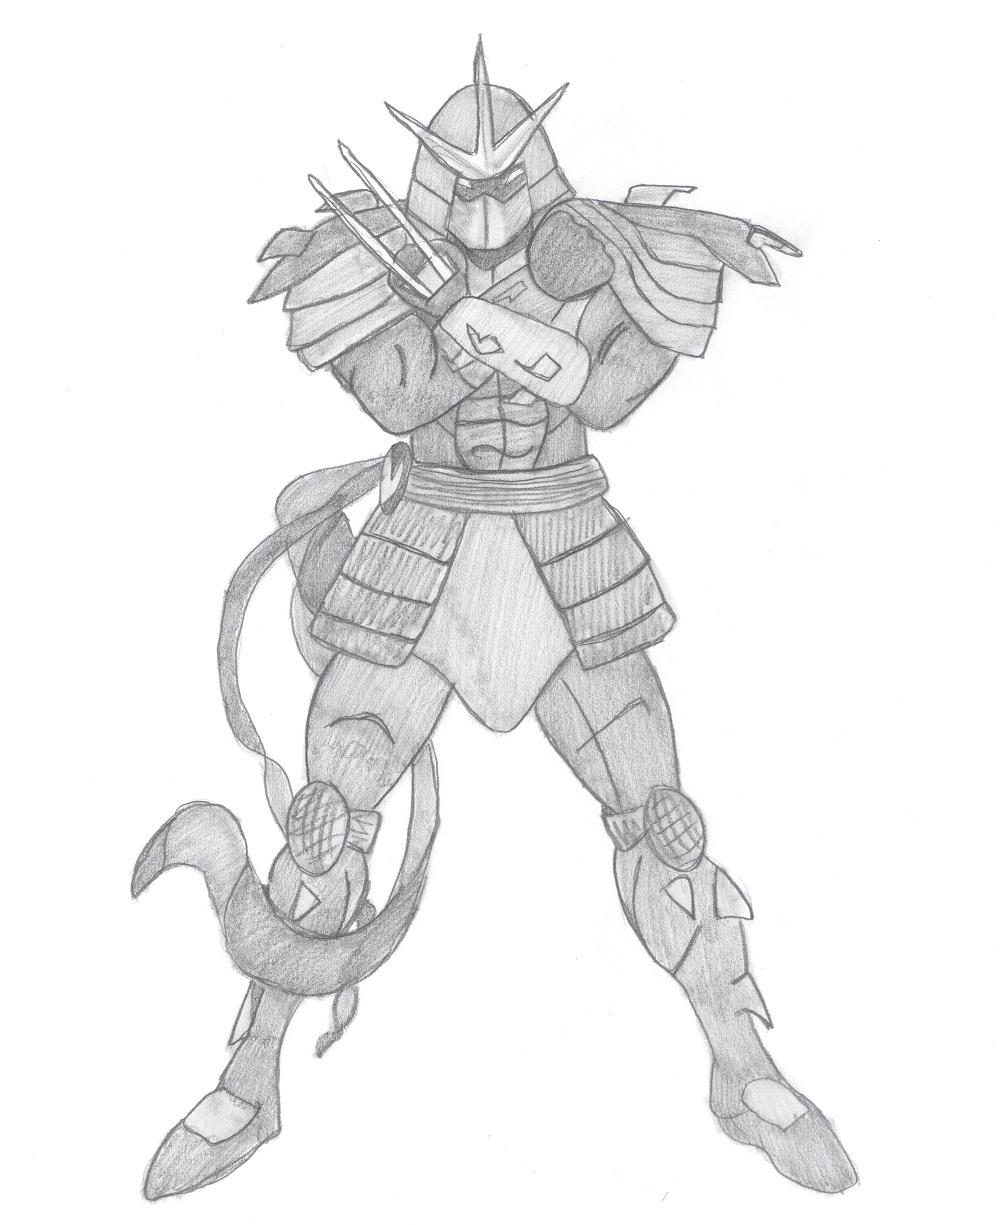 Shredder (by Ekaterina)